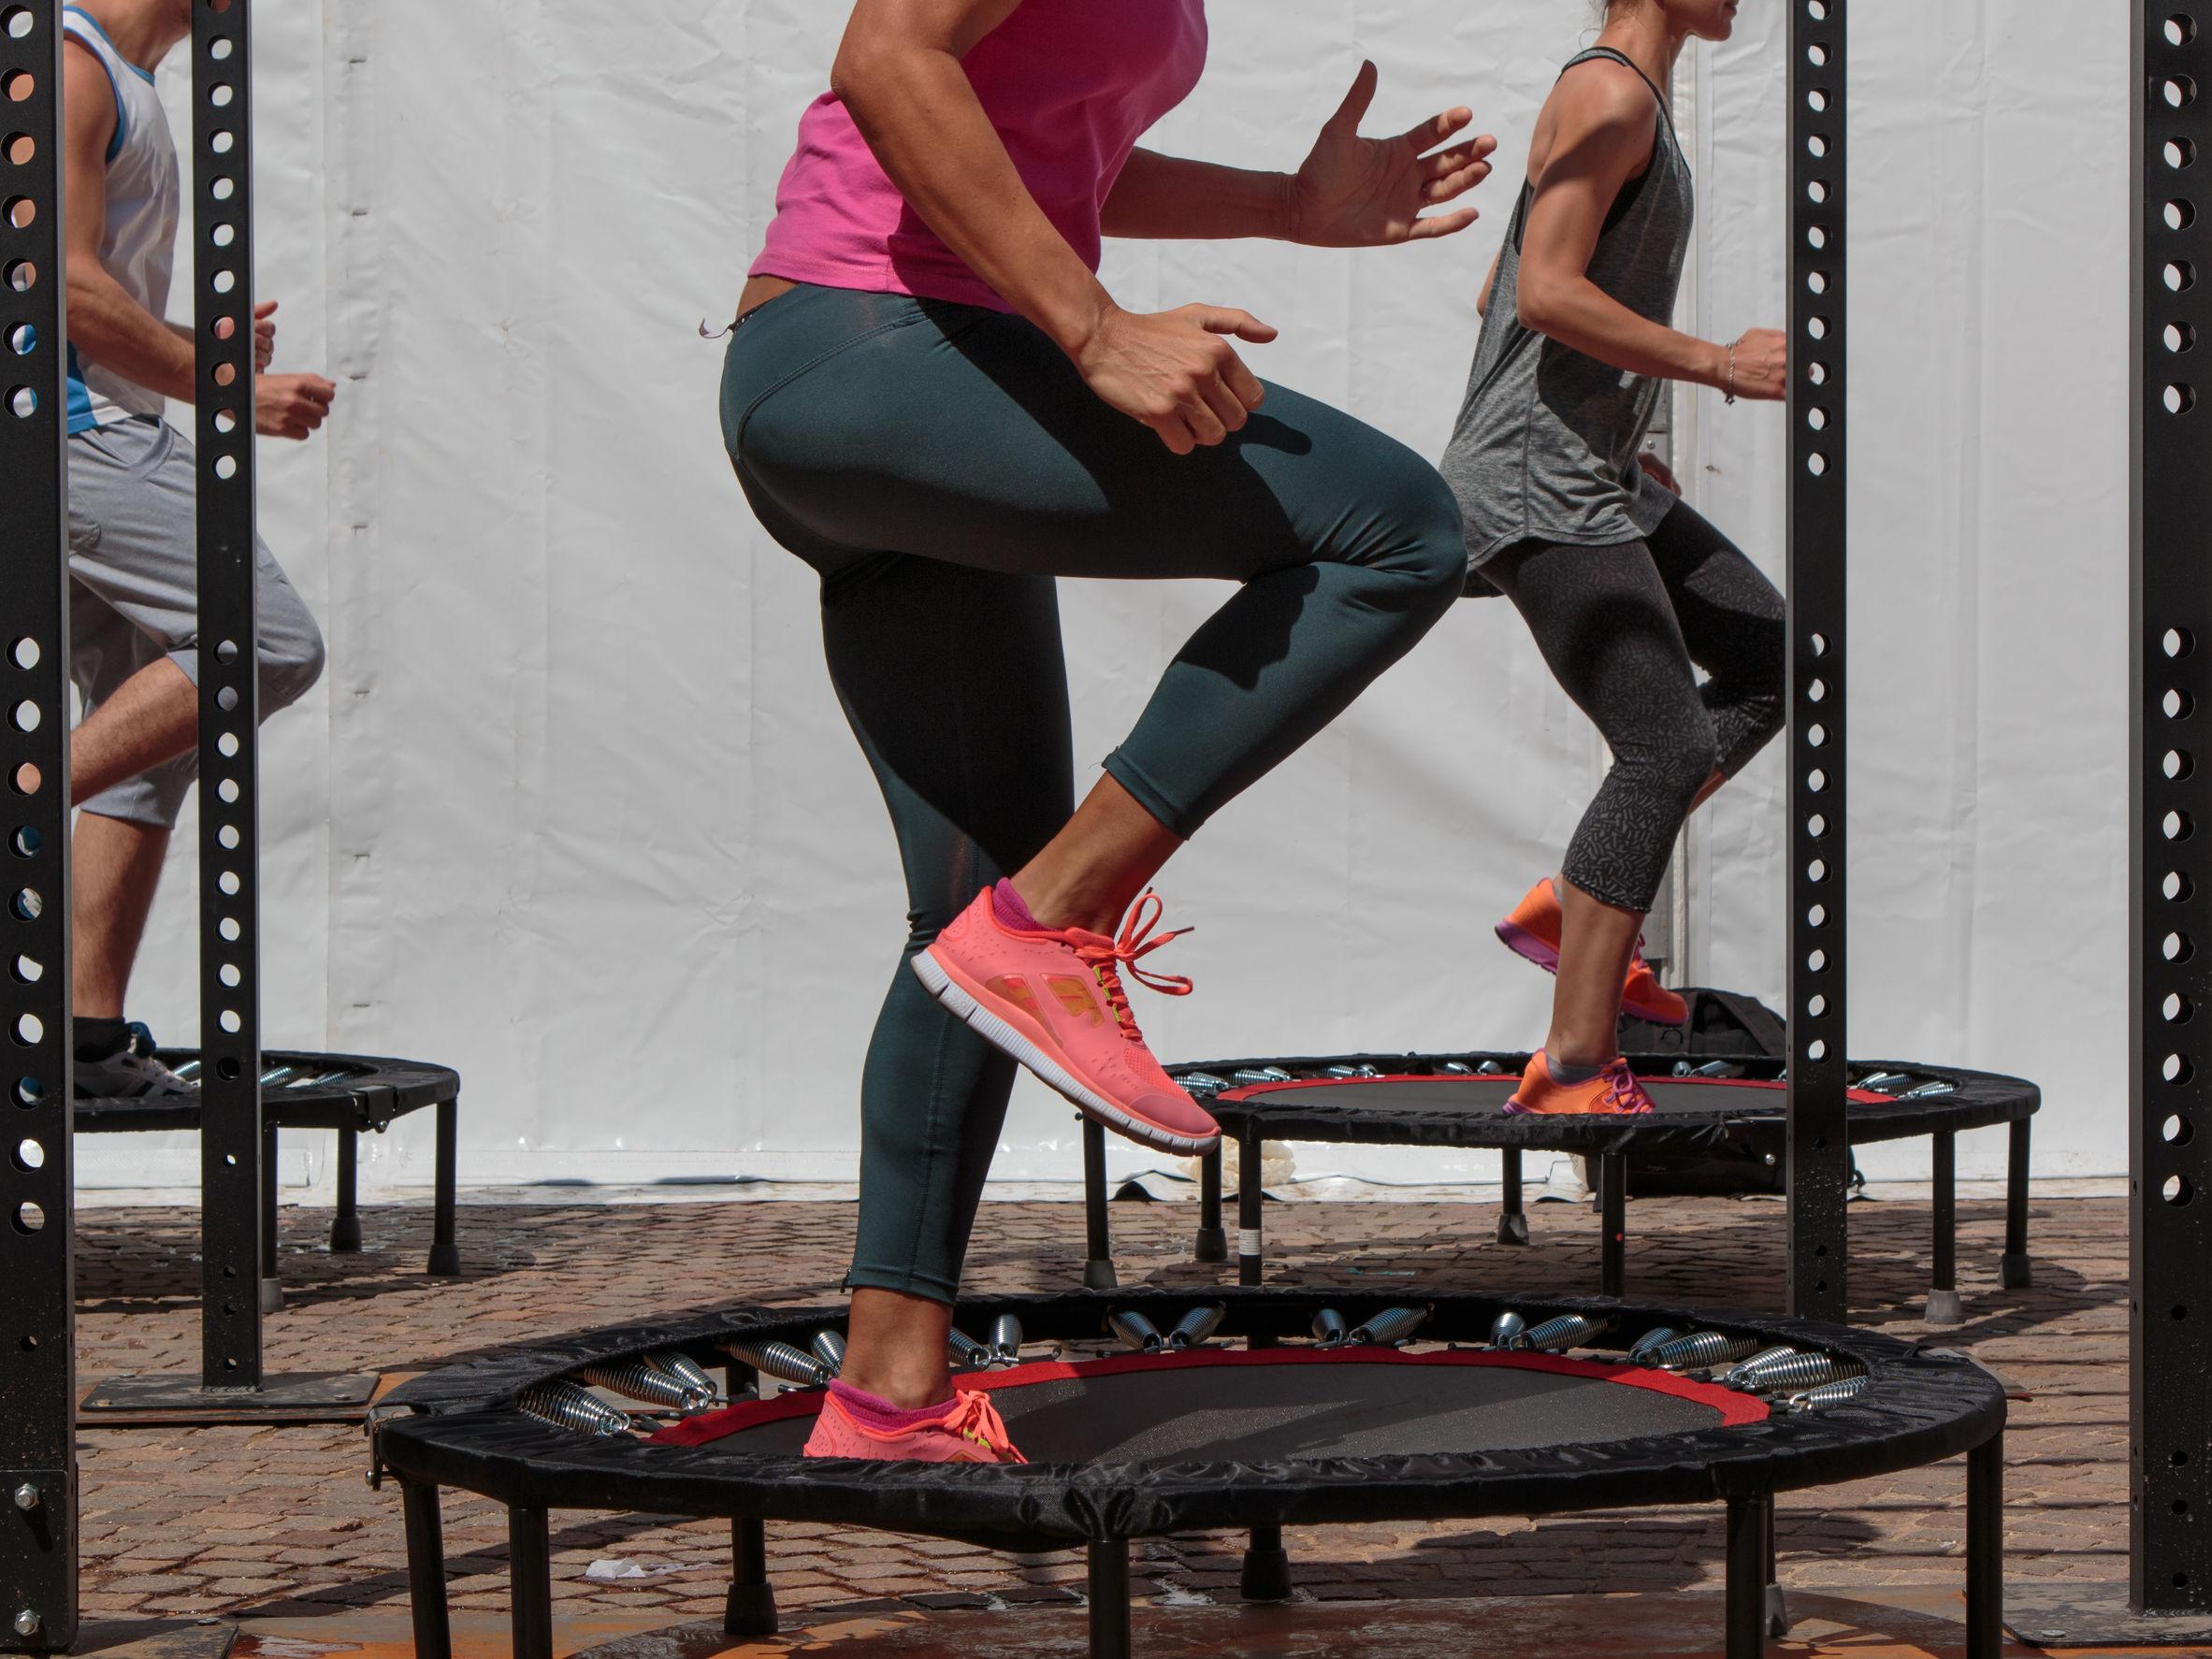 Entrenamiento de mini trampolín: Chica haciendo ejercicio físico en clase en el gimnasio